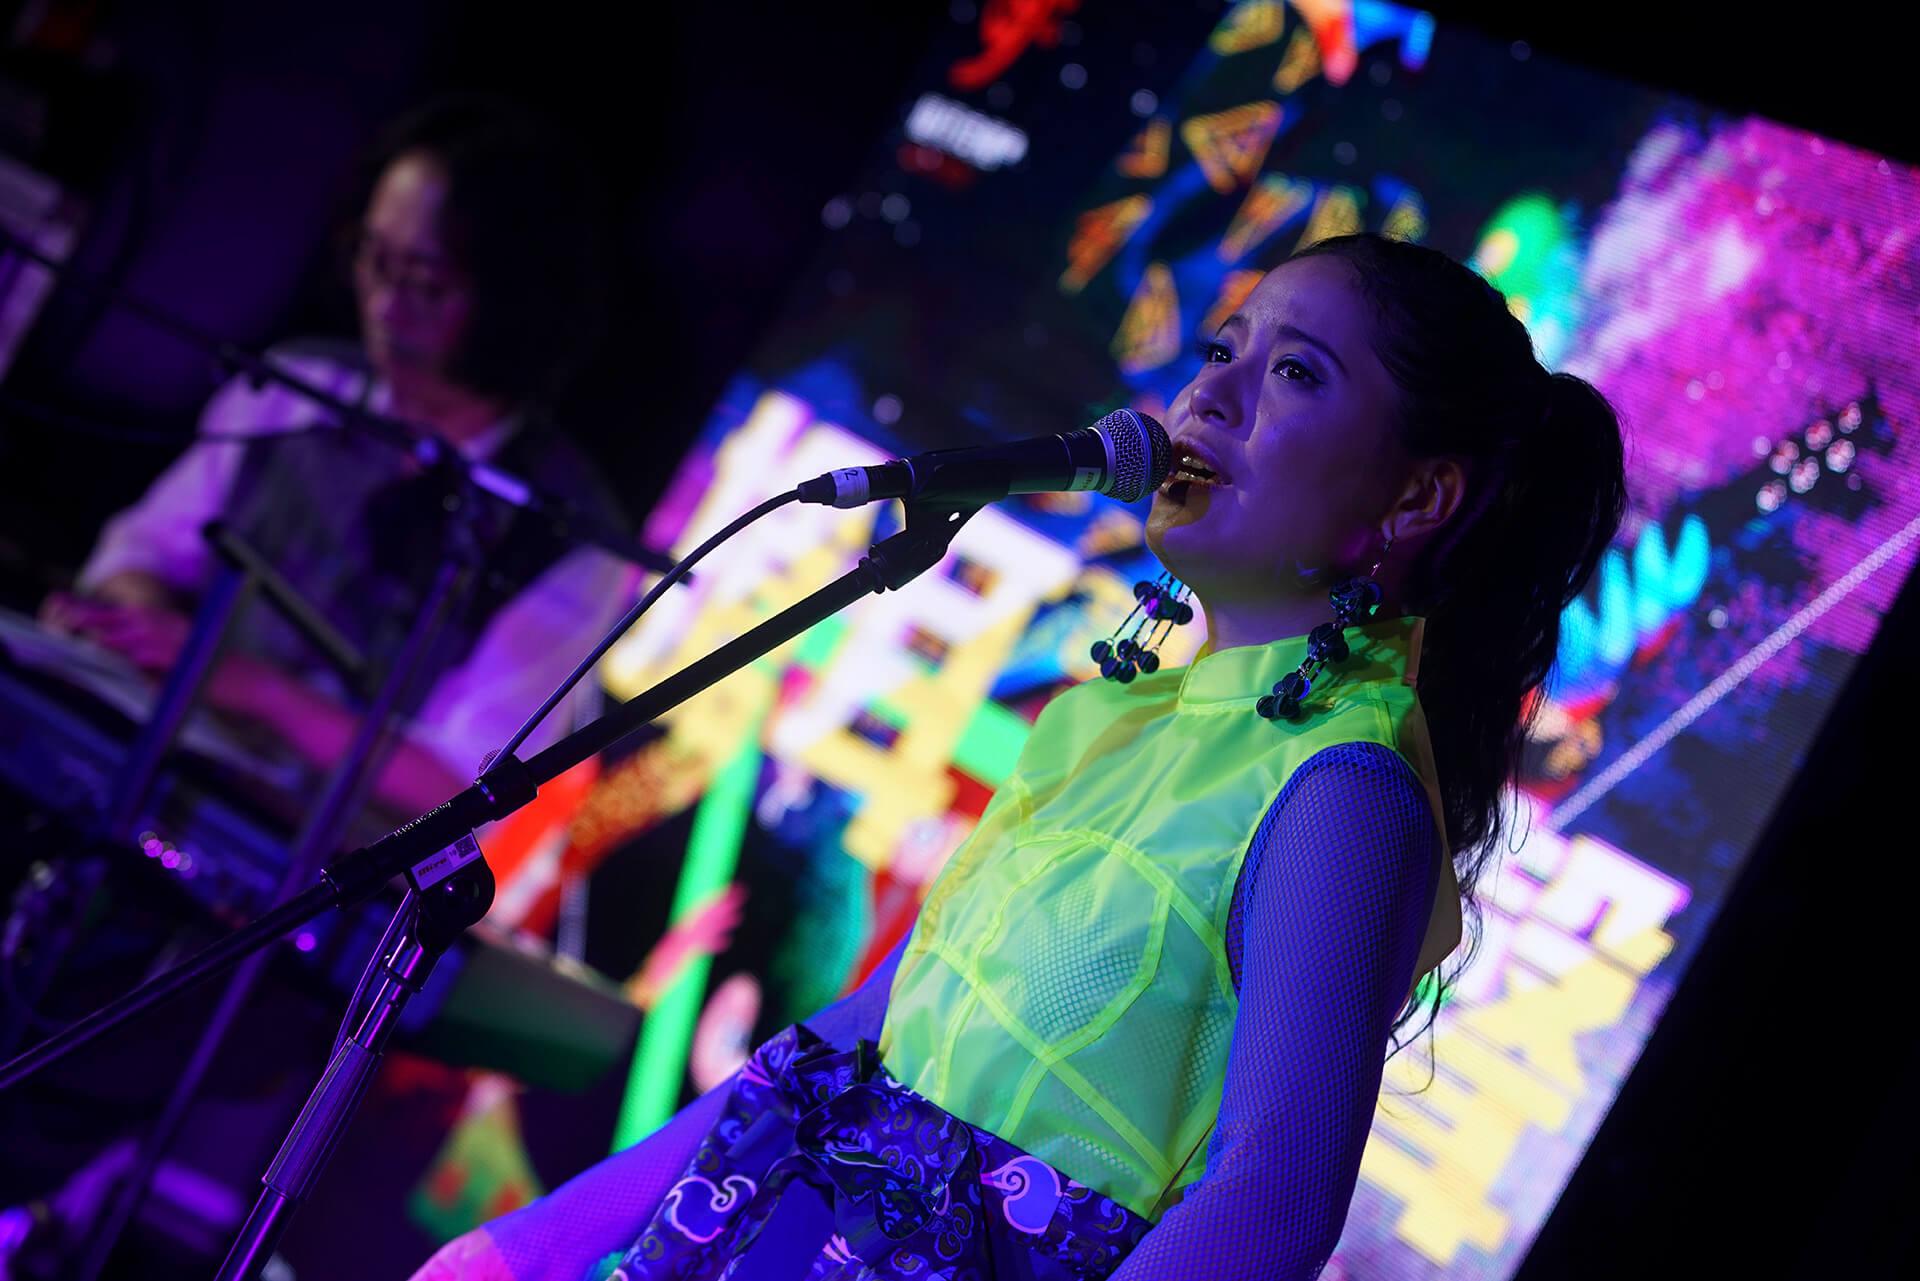 Clover Lei 是本地獨立音樂人,她笑說要專心做好音樂,難免會忘記要選一件美艷的表演服。